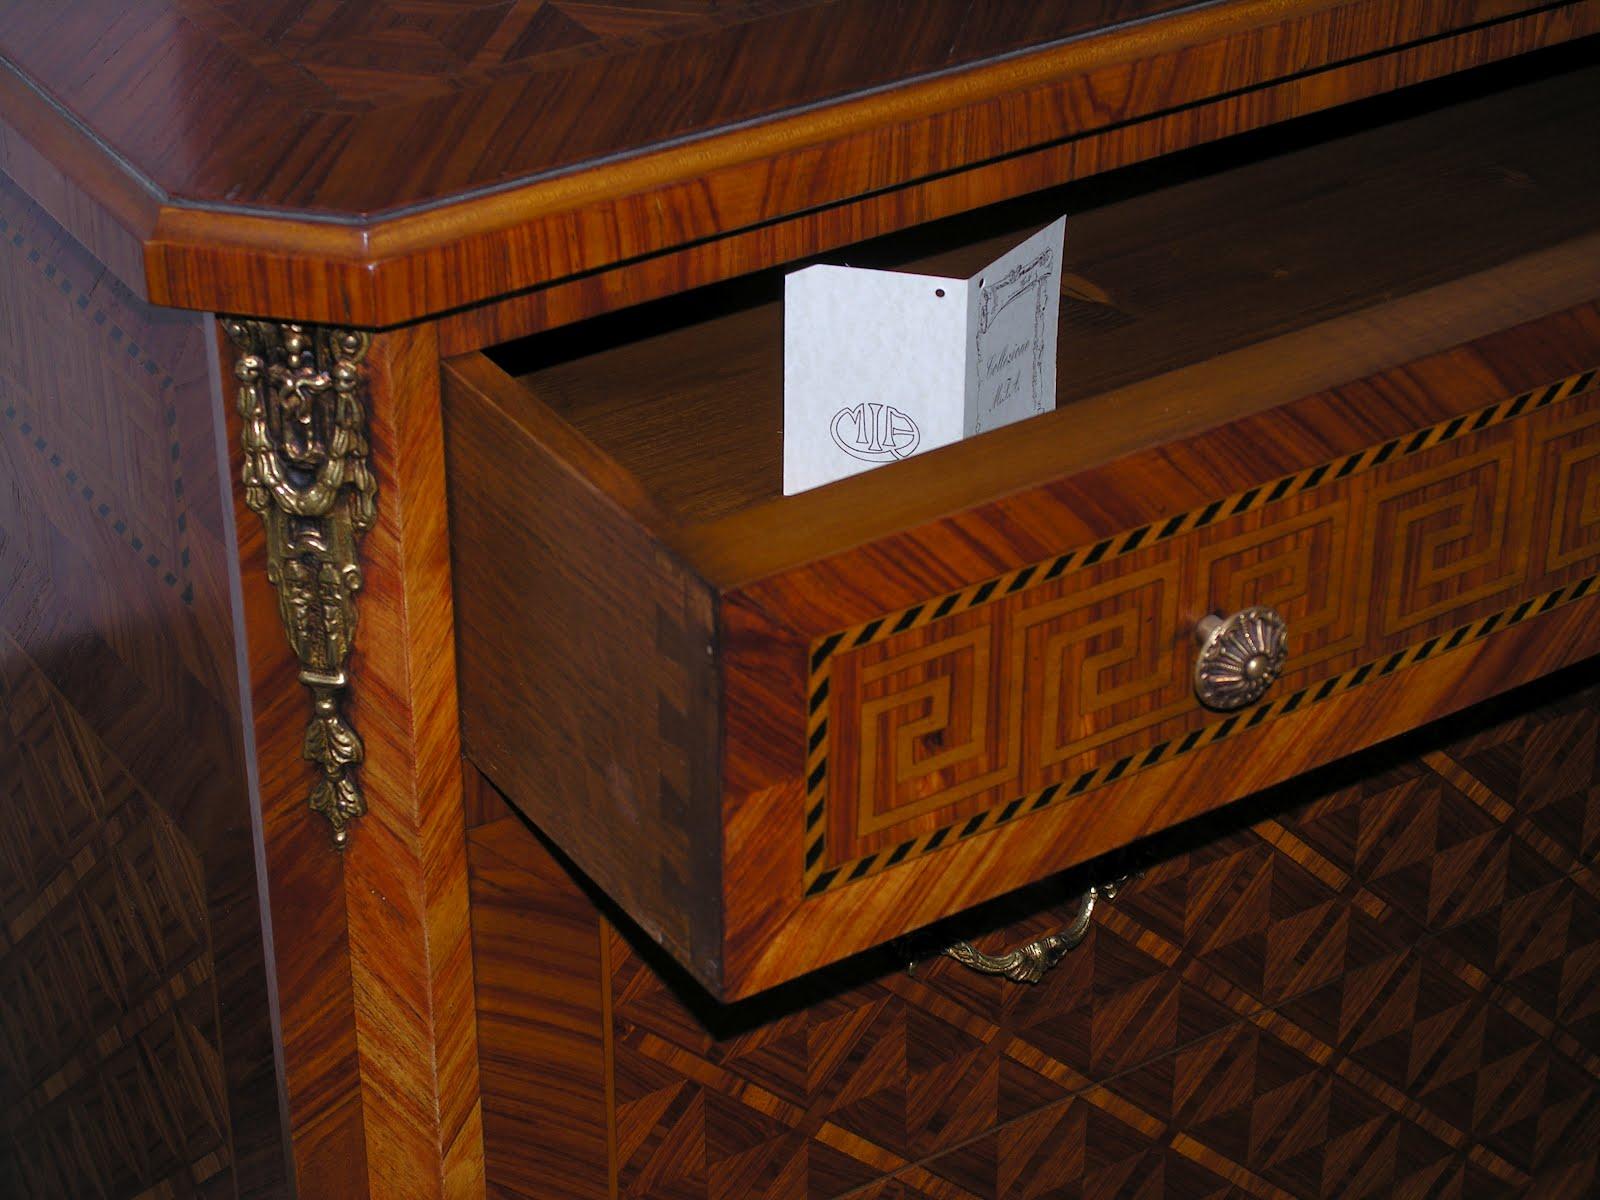 Arredo e design m i a mobili intarsiati artistici for Arredamento raffinato e mkt